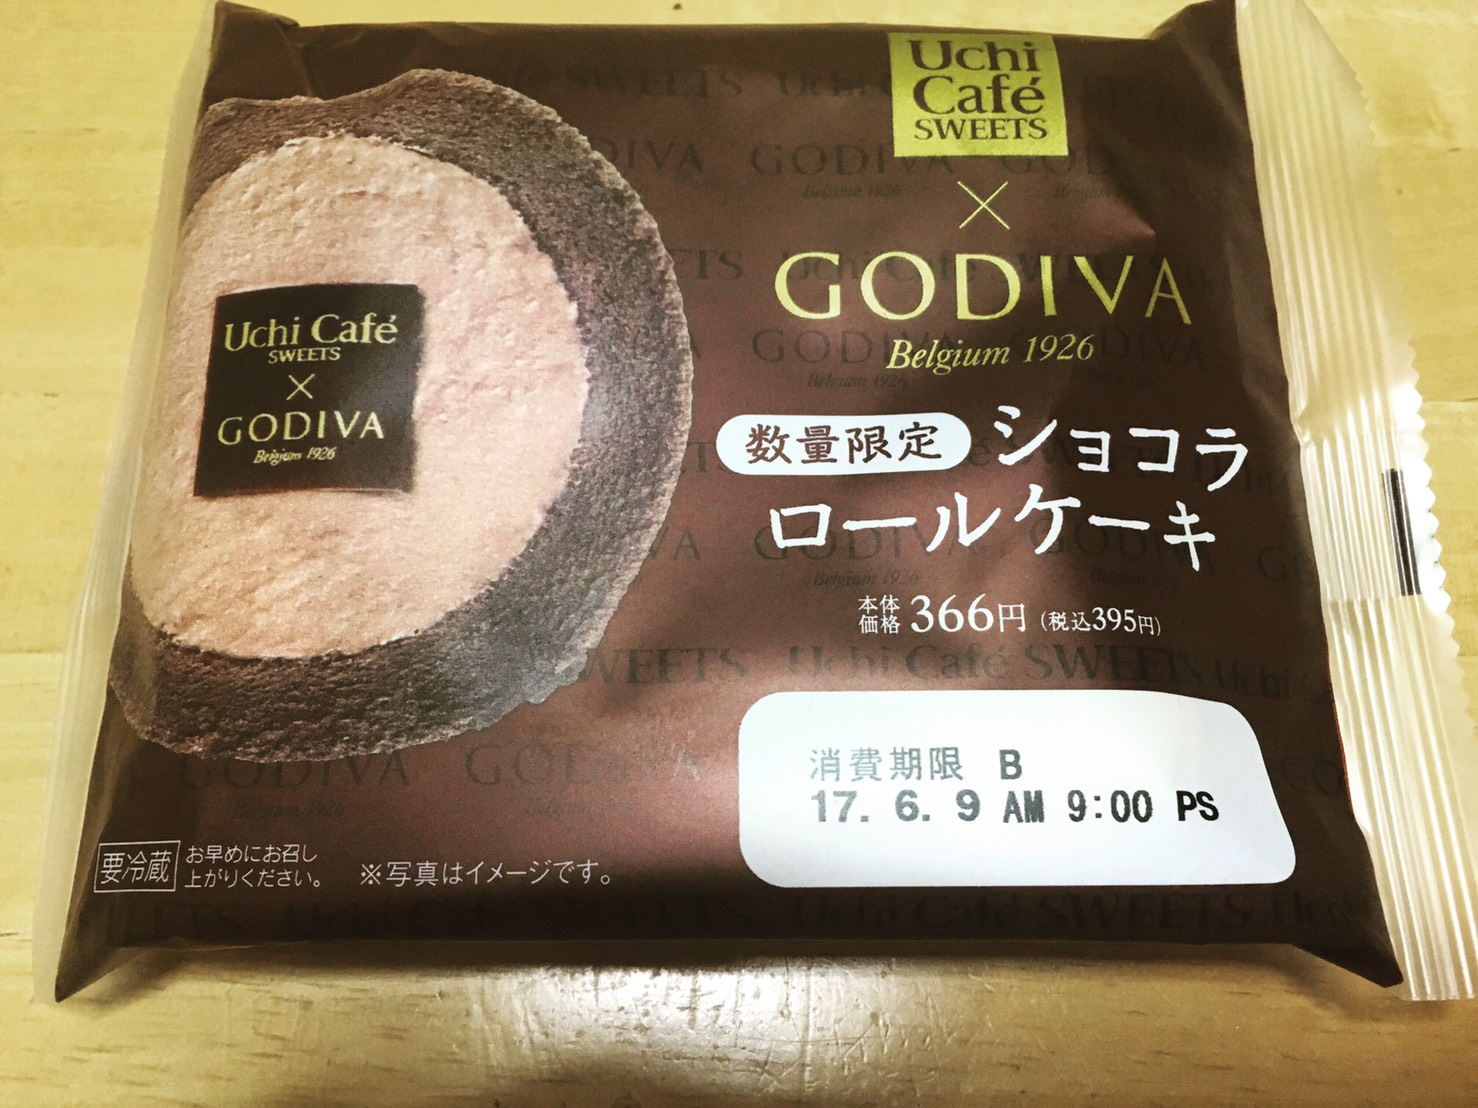 ローソン×GODIVAの「ロールケーキ」は数量限定だから急いで!!